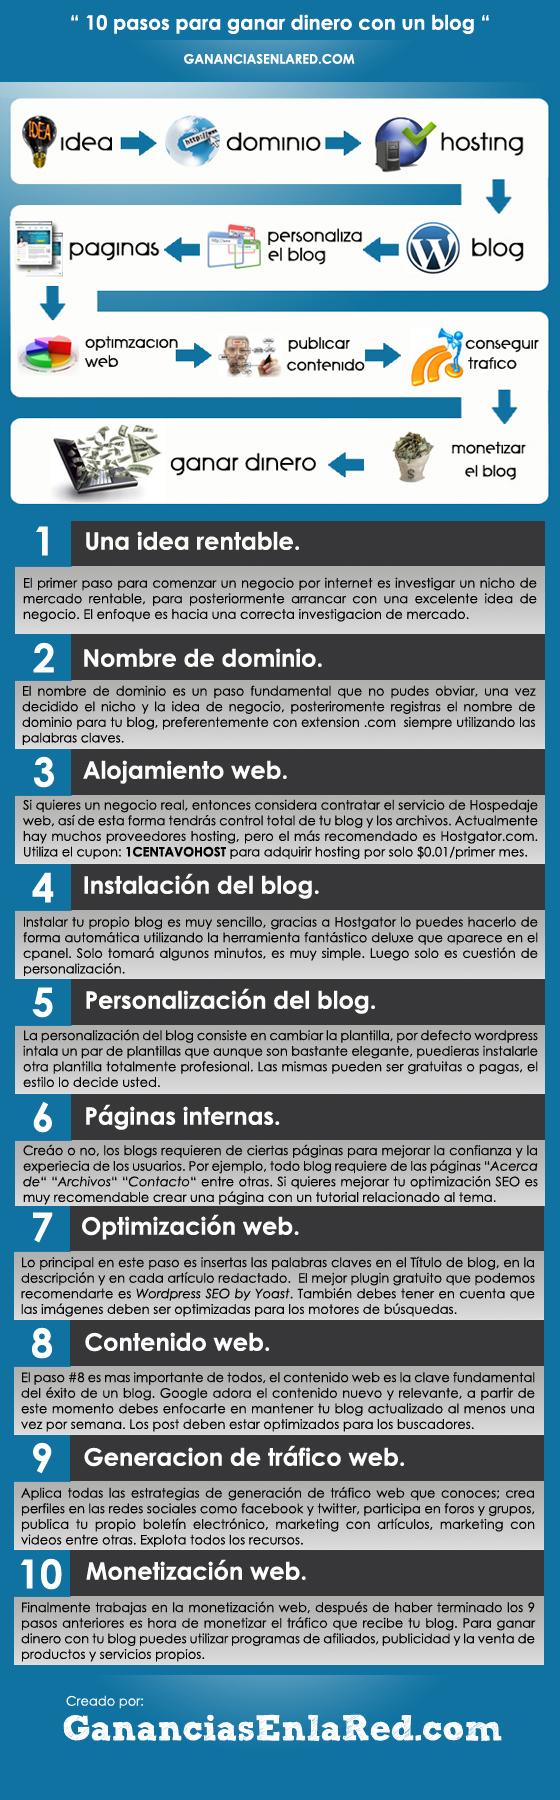 10 pasos para ganar dinero con un blog